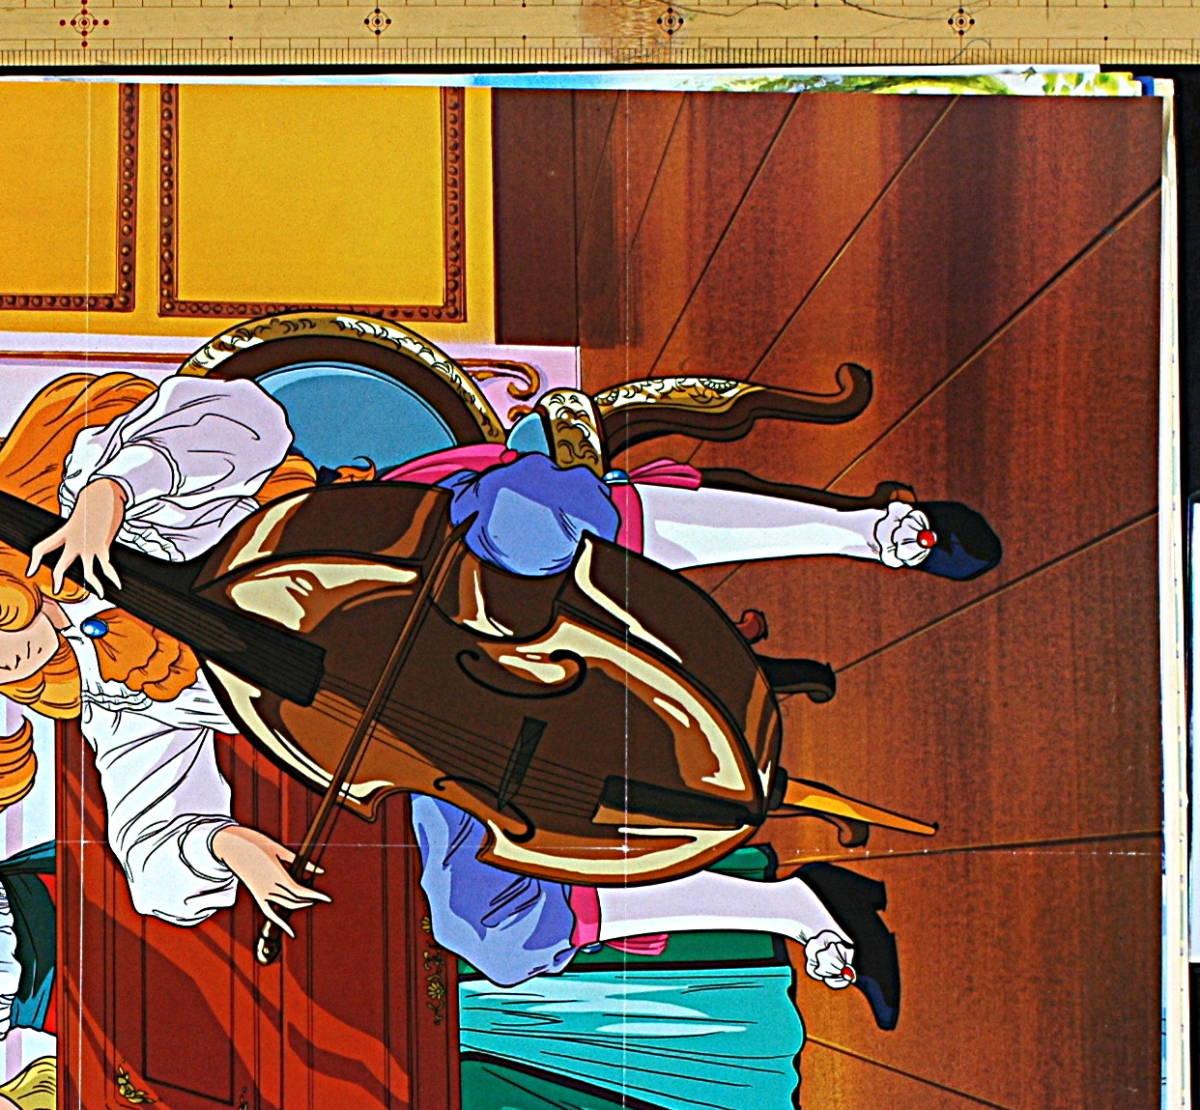 【未展示New】【宅配料込】1988s Animedia 両面Double-sided B2 poster 超音戦士ボーグマンSonic Soldier Borgman&アニメ三銃士_画像5